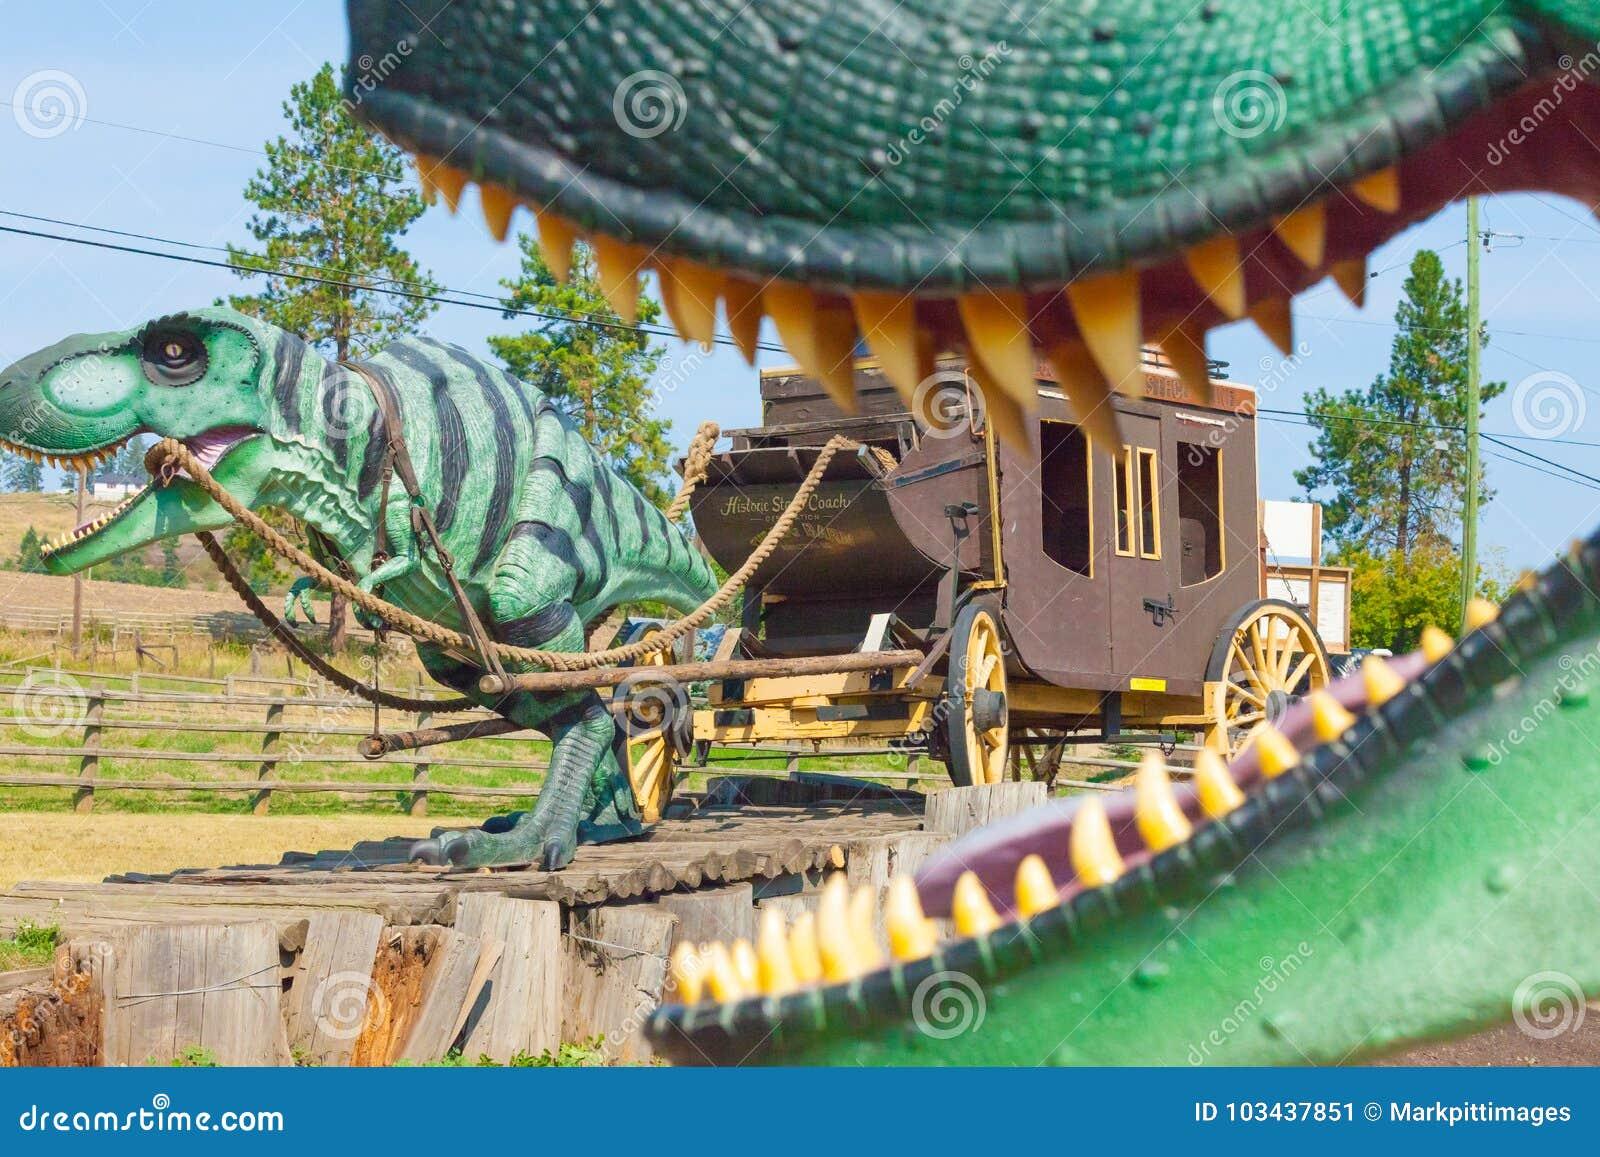 Динозавры на привлекательности 1912 обочины пережитка амбара журнала